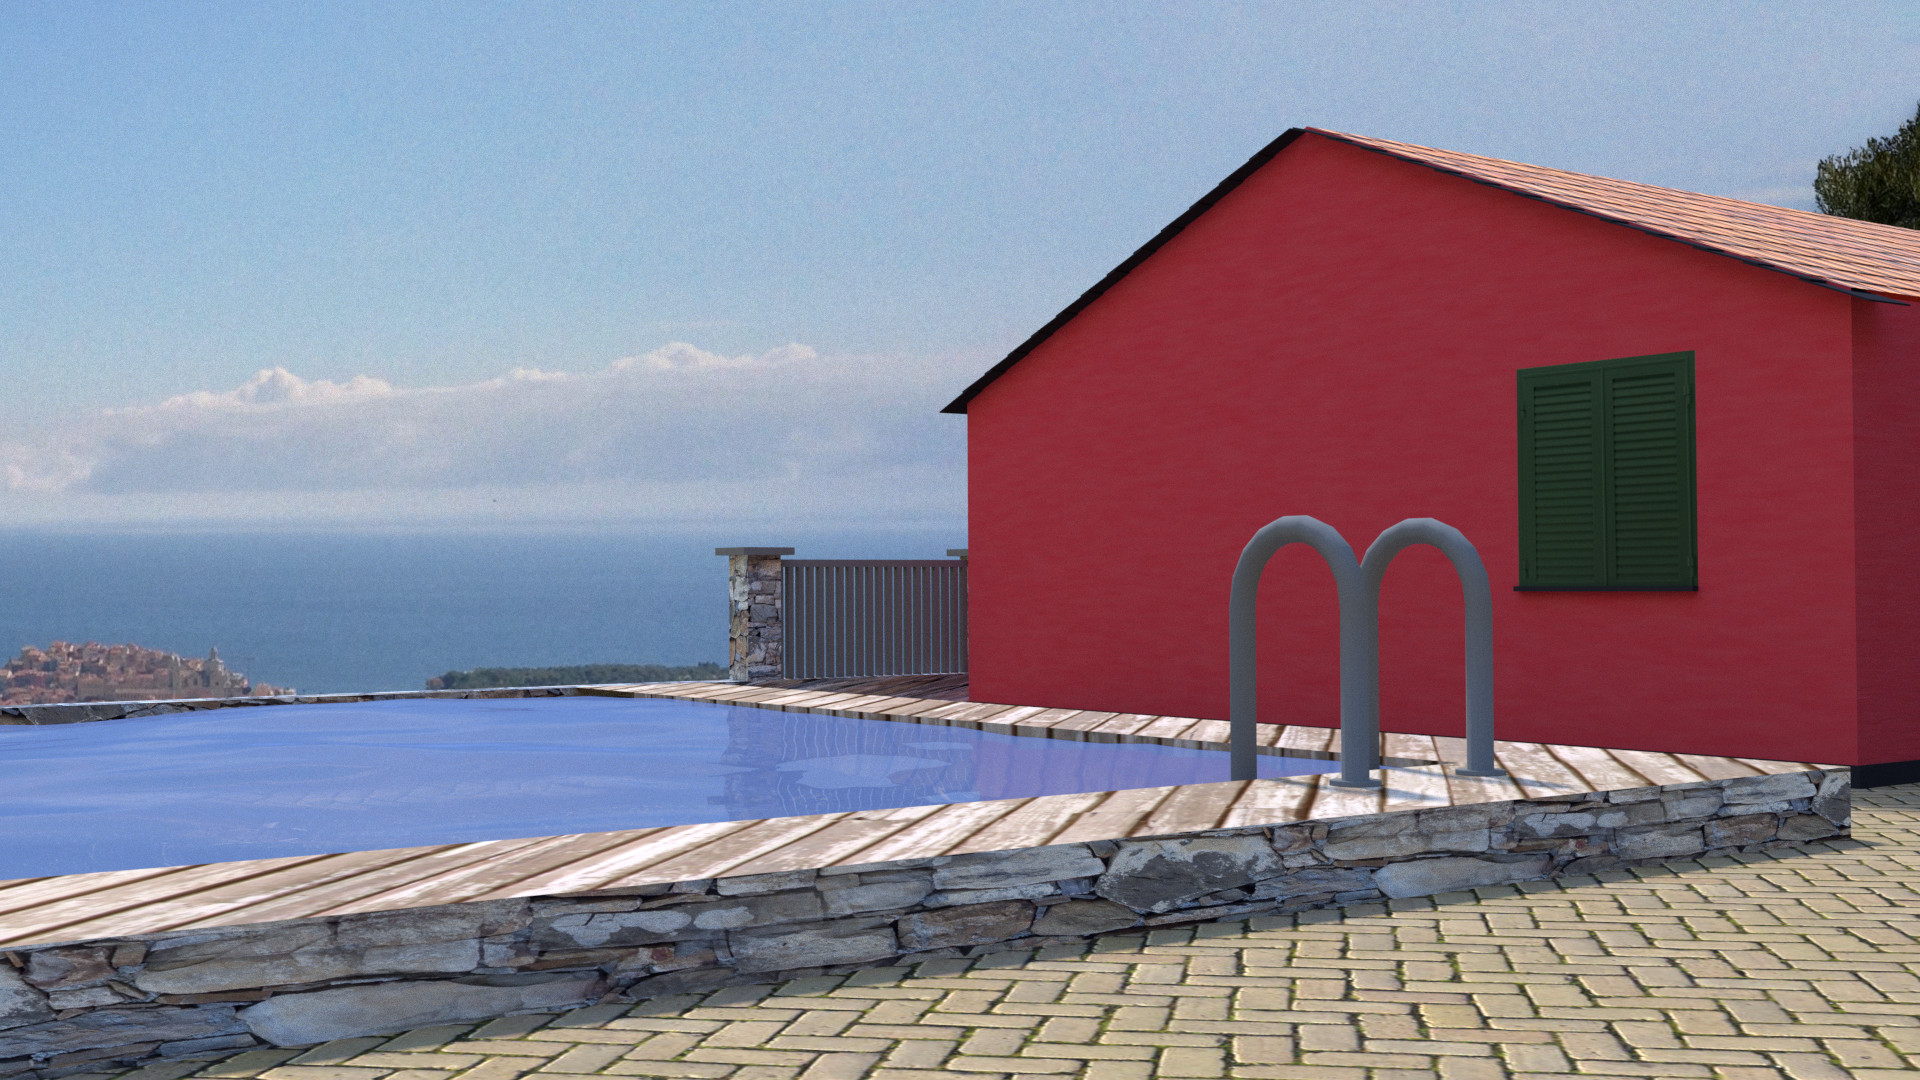 Villa in vendita a Imperia, 4 locali, zona Località: PortoMaurizioperiferia, prezzo € 298.000   Cambio Casa.it